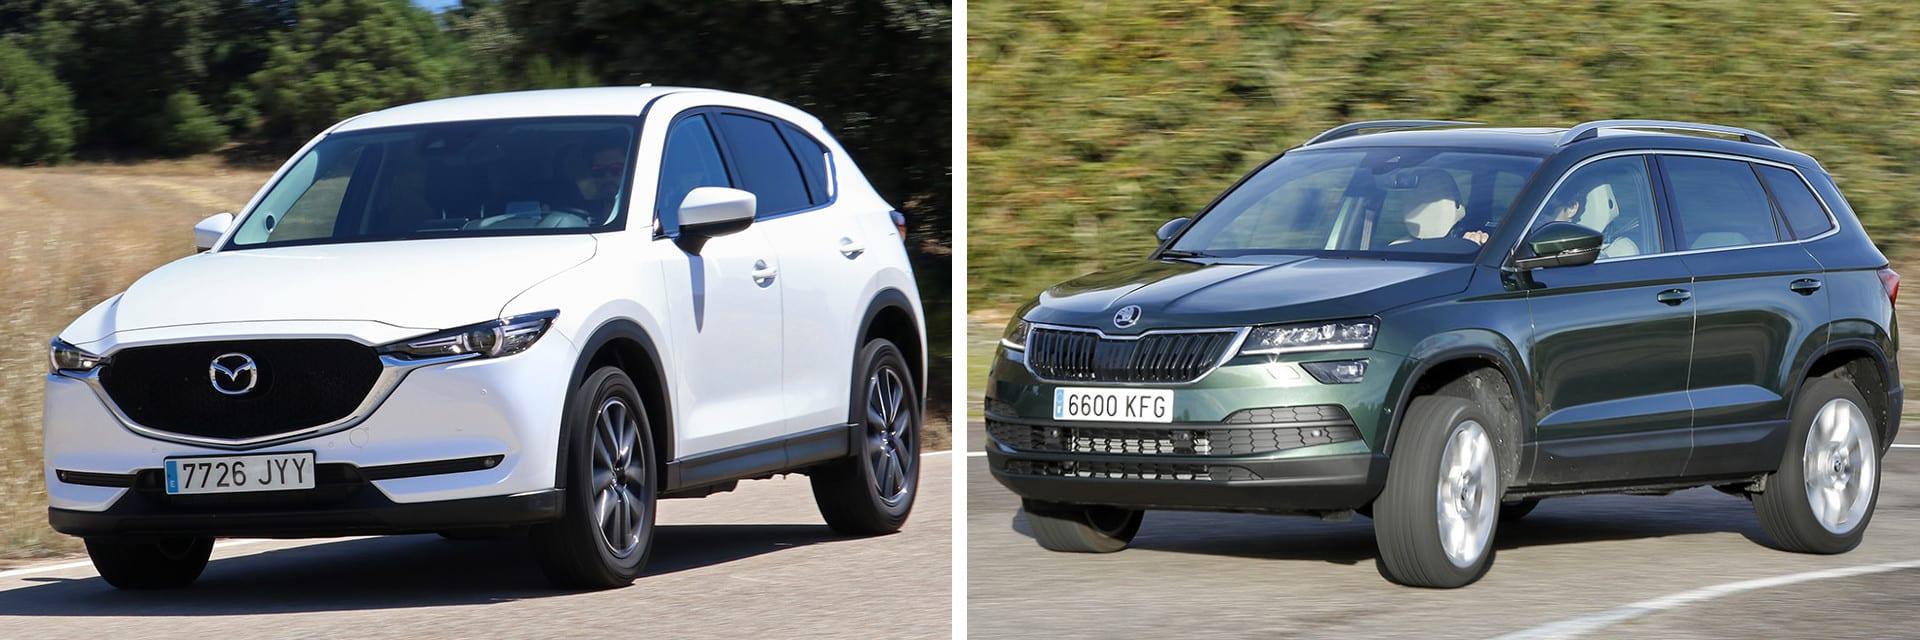 El Mazda CX-5 (izq.) con el acabado Evolution es más completo en equipamiento que el acabado Ambition en el Karoq (dcha.)